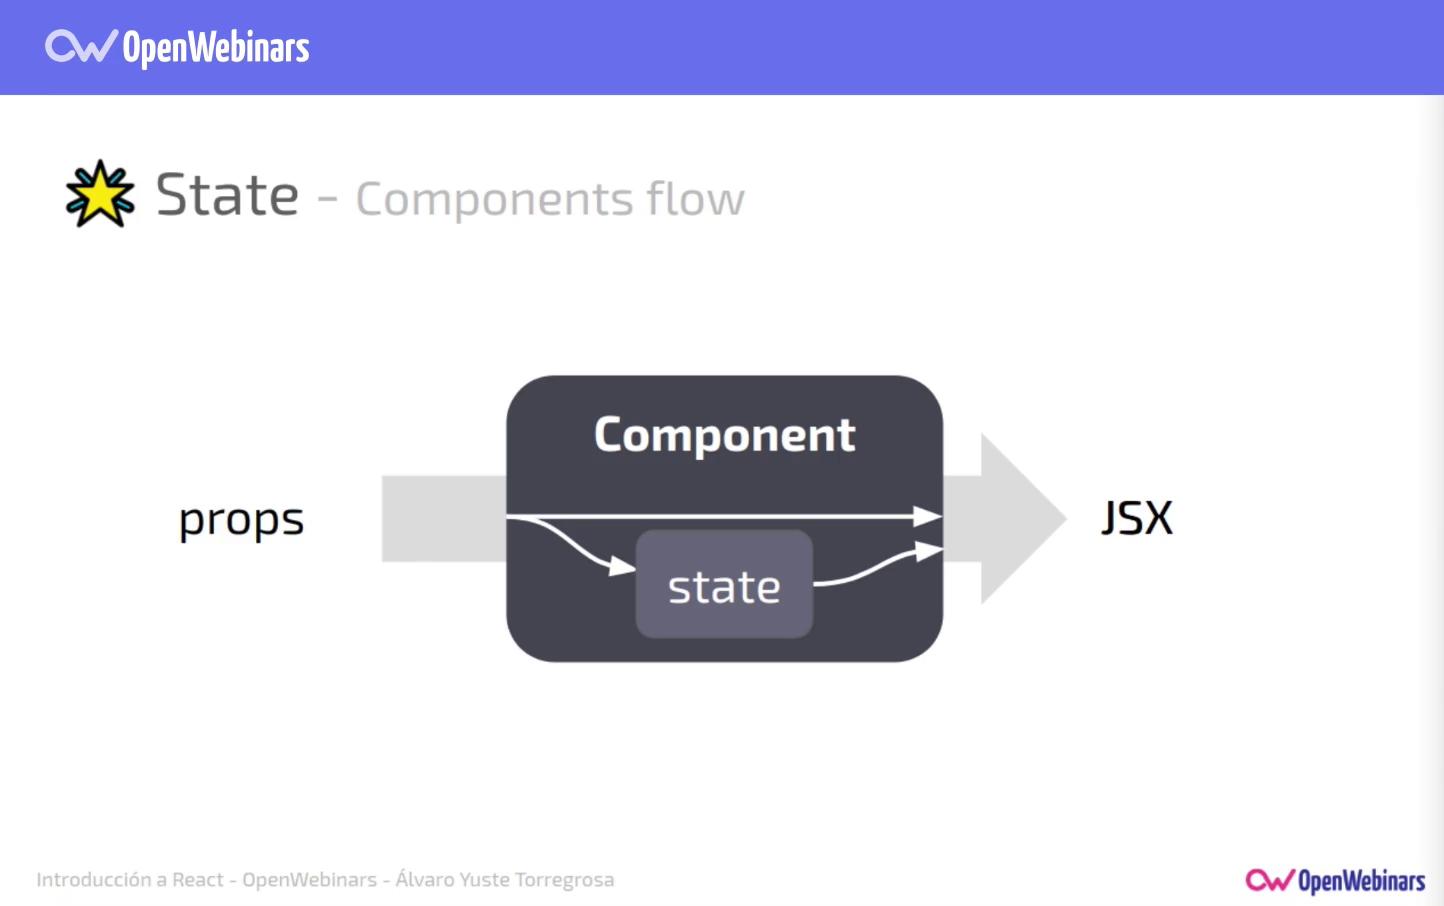 Imagen 4 en Comunicación y estado de los componentes en React